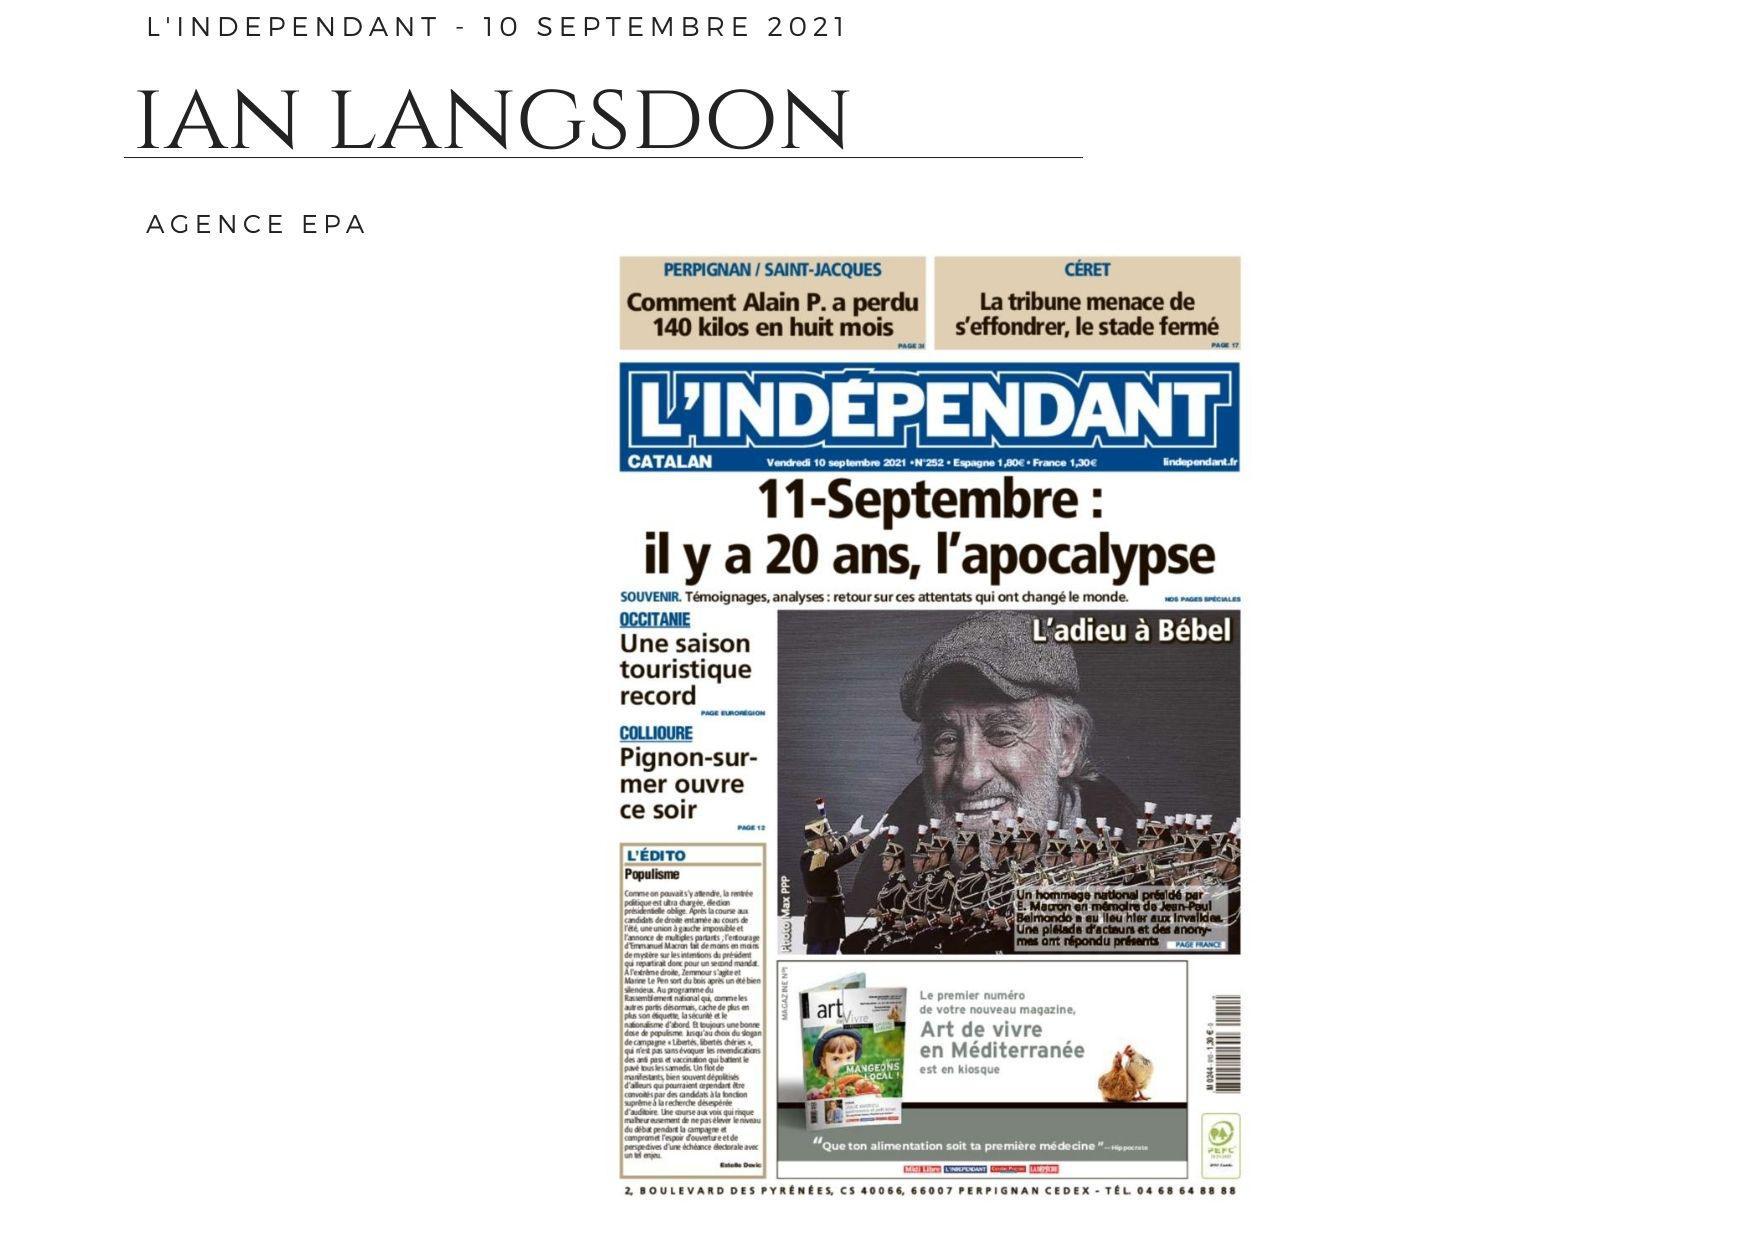 L'Indépendant - 10 septembre 2021